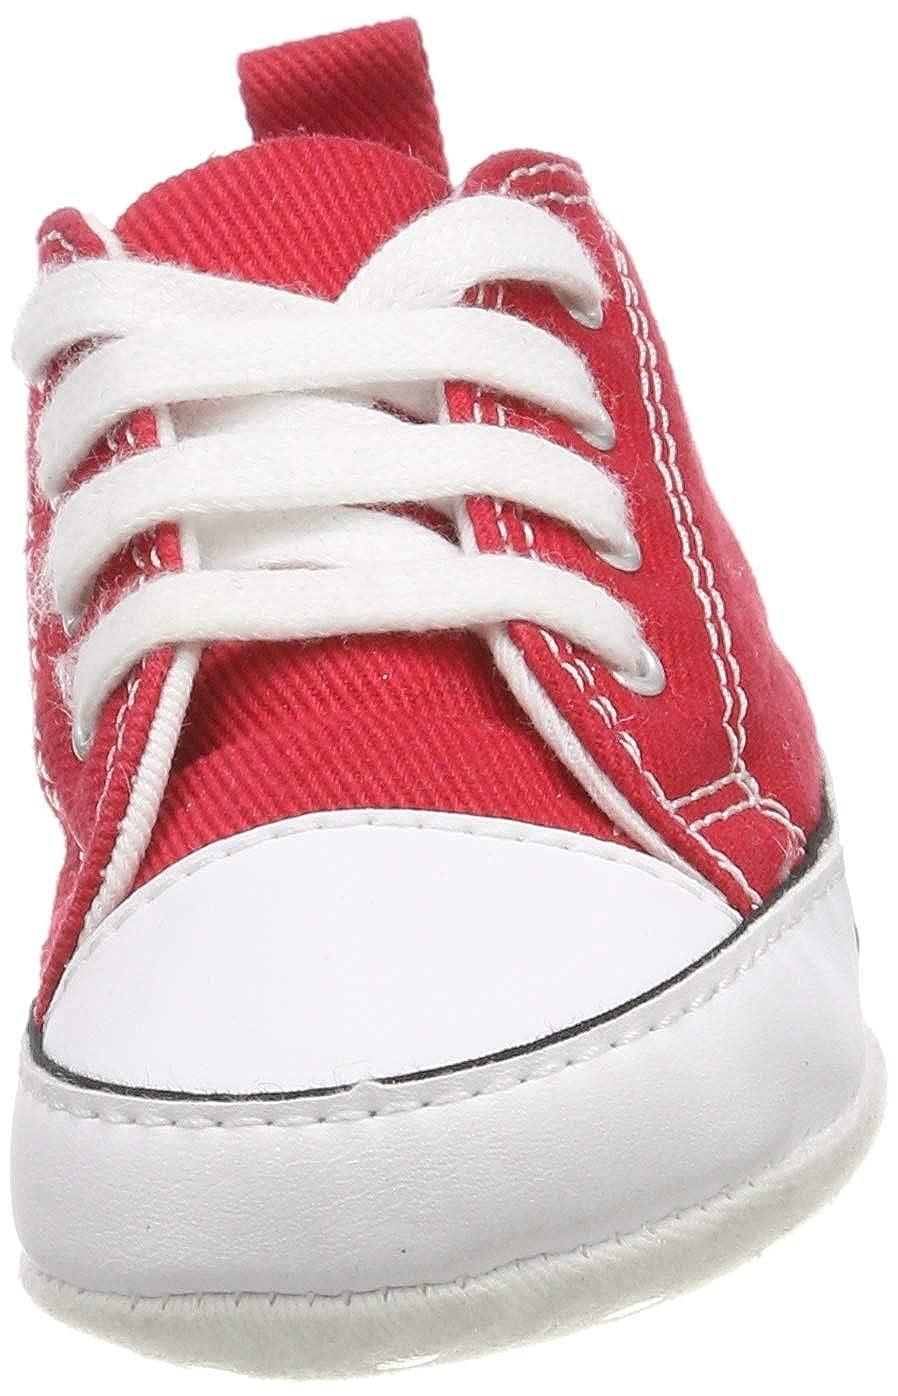 Converse Kids First Star High Top Sneaker Converse Kids/' First Star High Top Sneaker